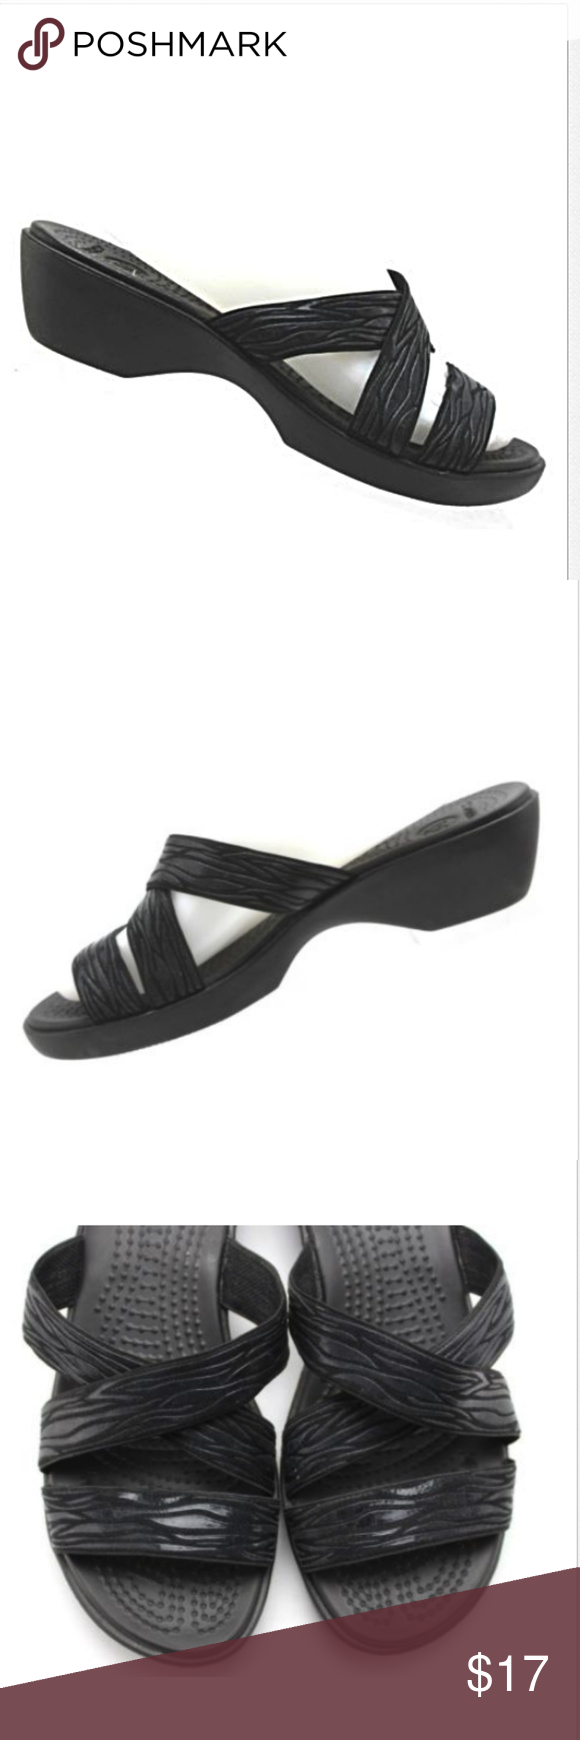 e10b6aab09d3 CROCS Black Wedge Sandals Slides CROCS WOMEN S WEDGE SANDALS Color  Black  Size  8 Standard